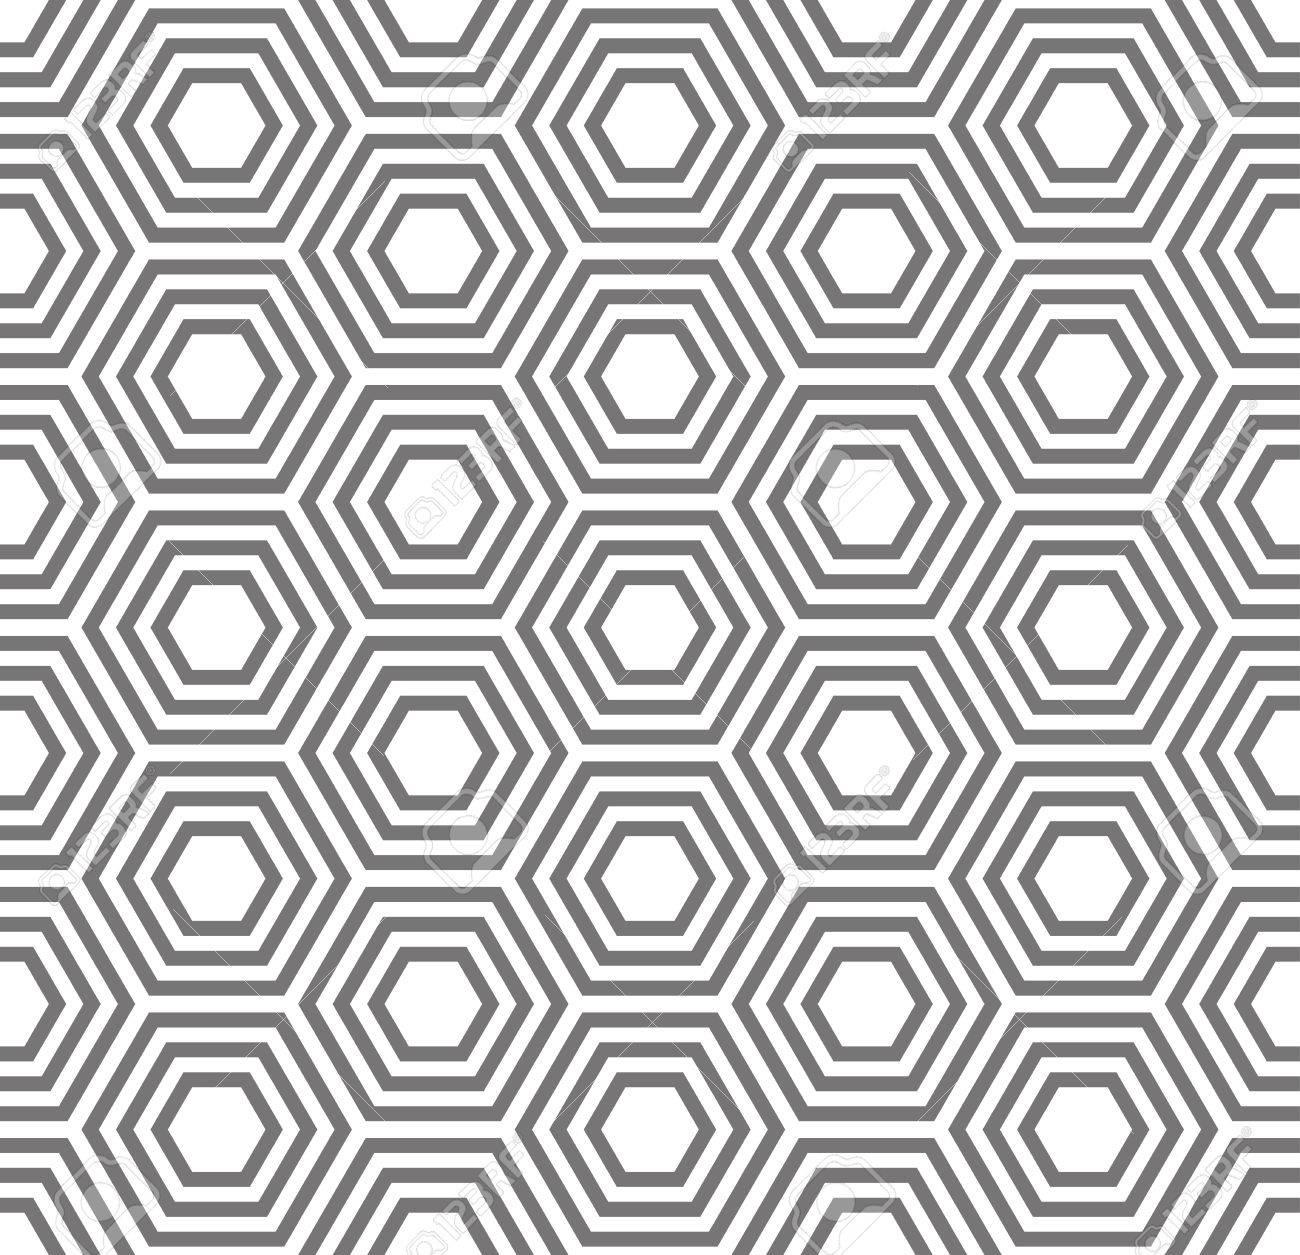 Patrón Transparente Geométrica. Caparazón De Tortuga, El Patrón De ...